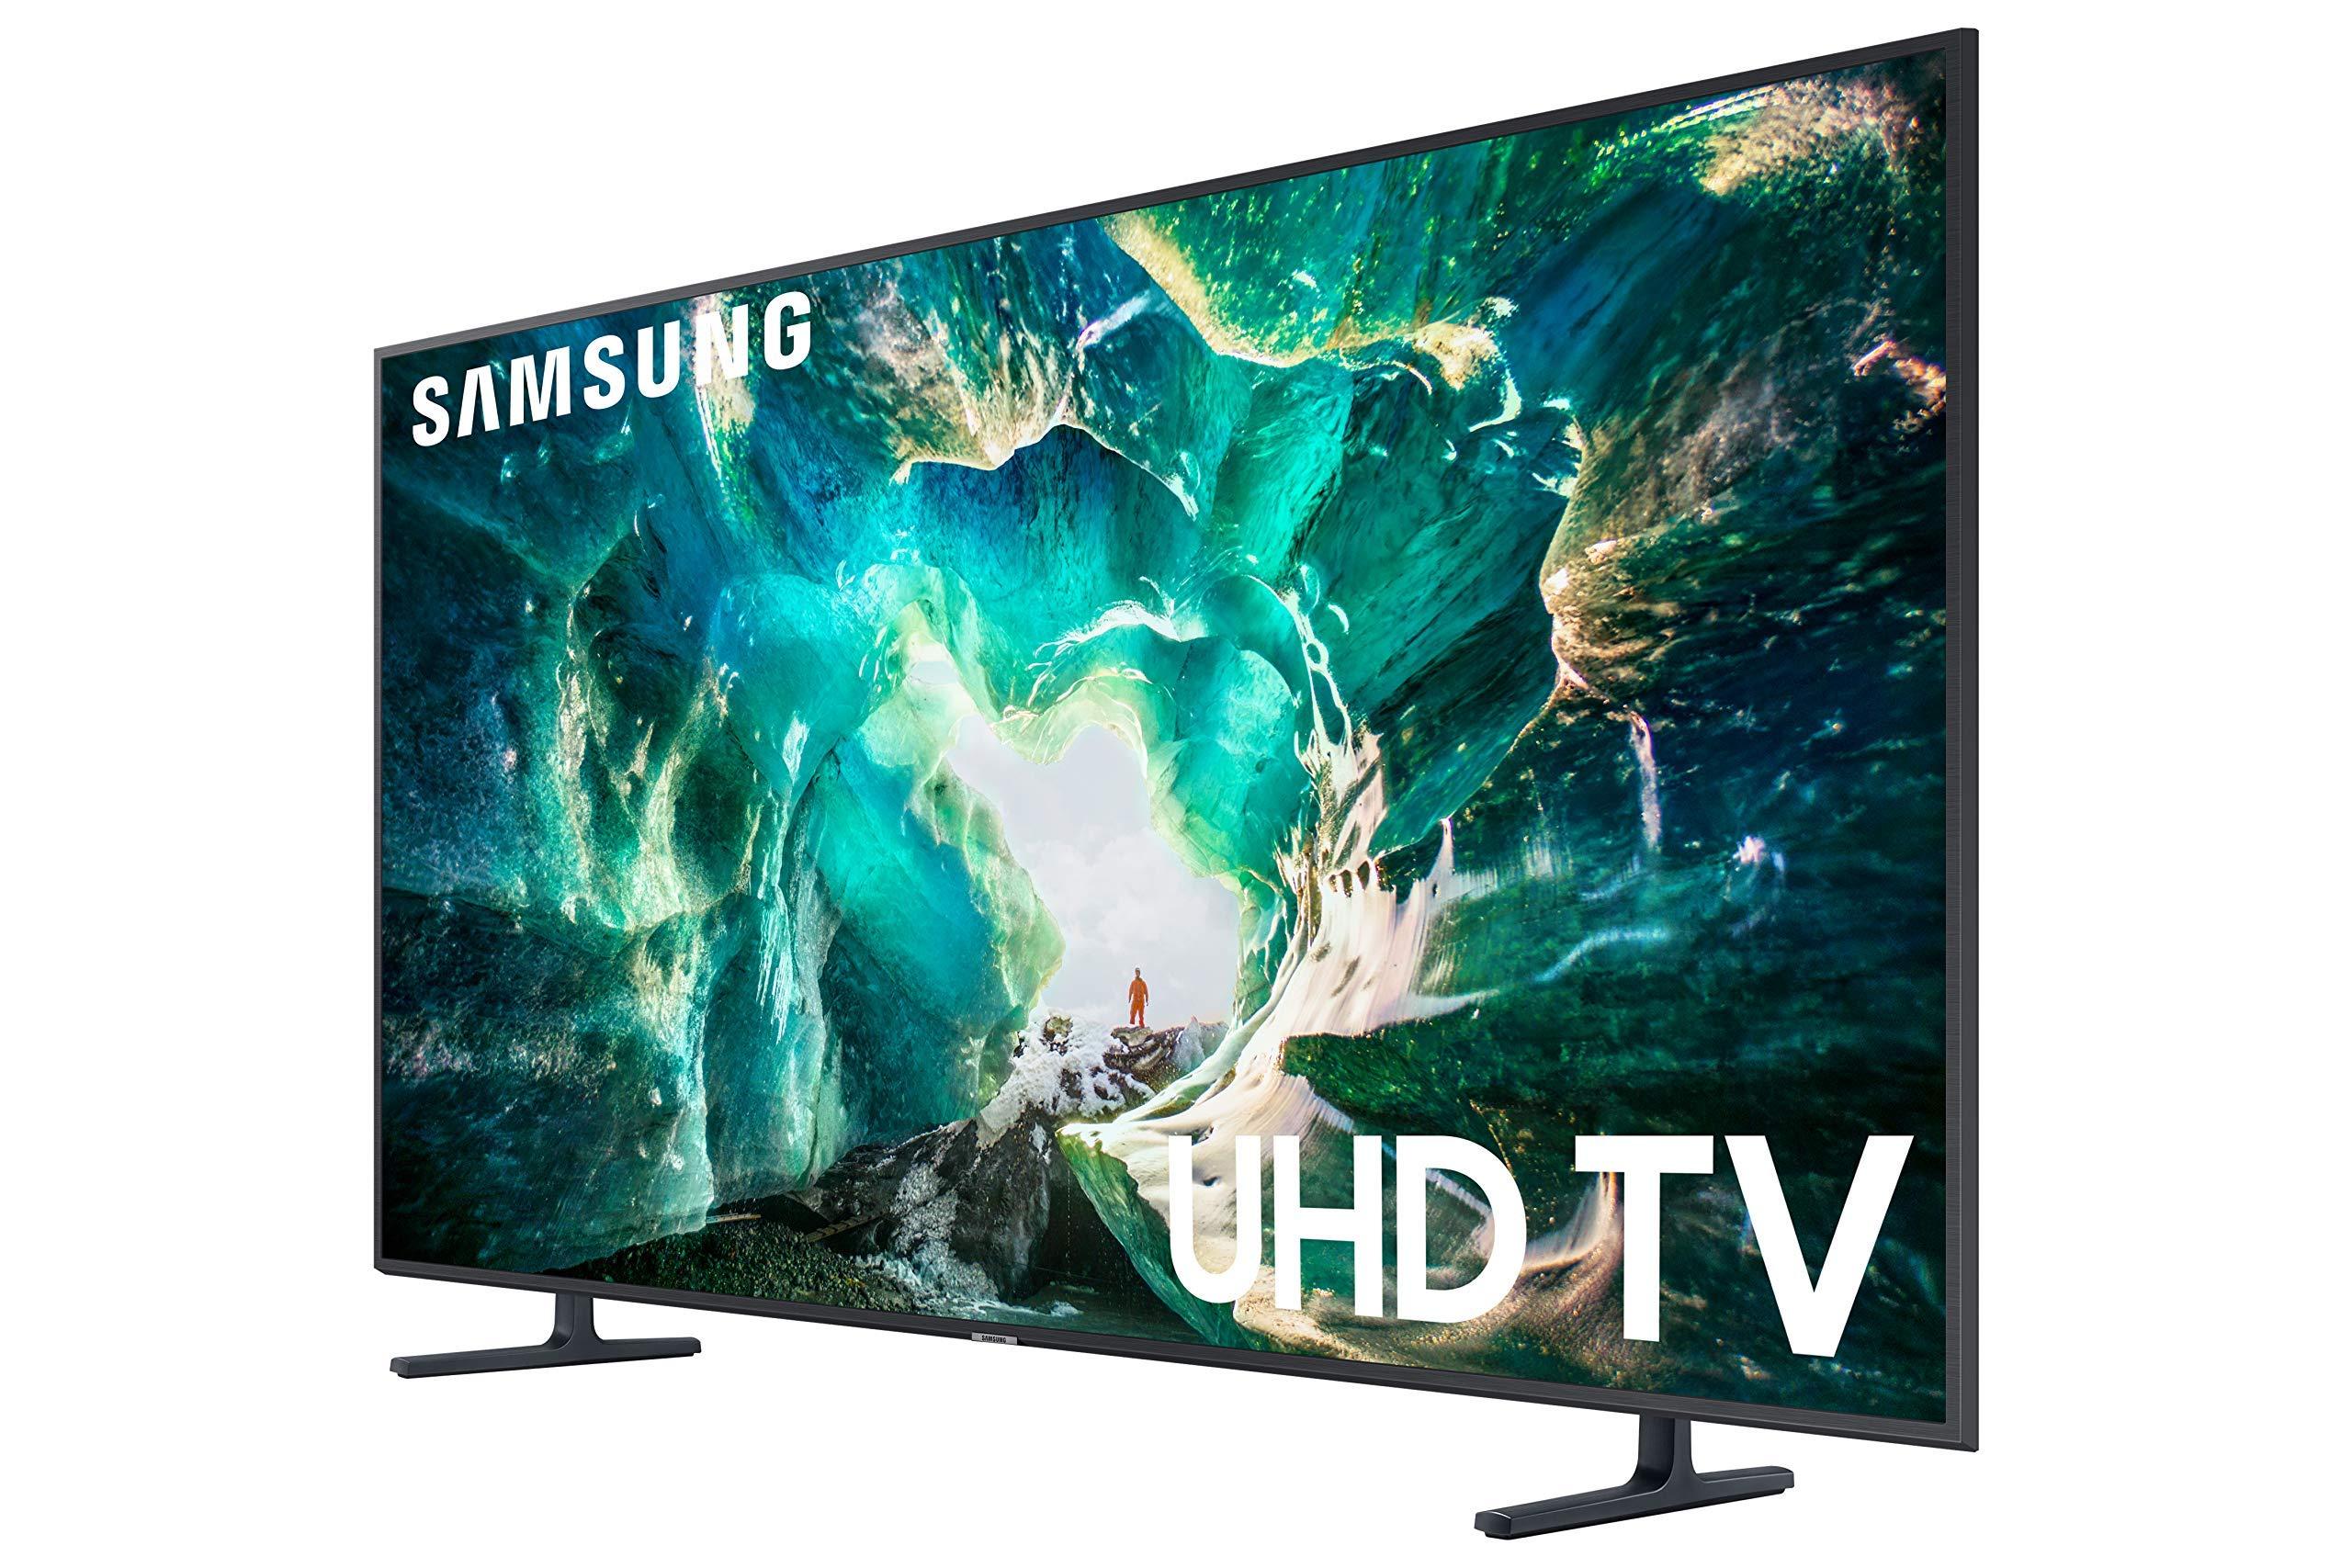 Samsung 4K UHD 8 Series Smart TV 2019 (Premium): Amazon.es: Electrónica